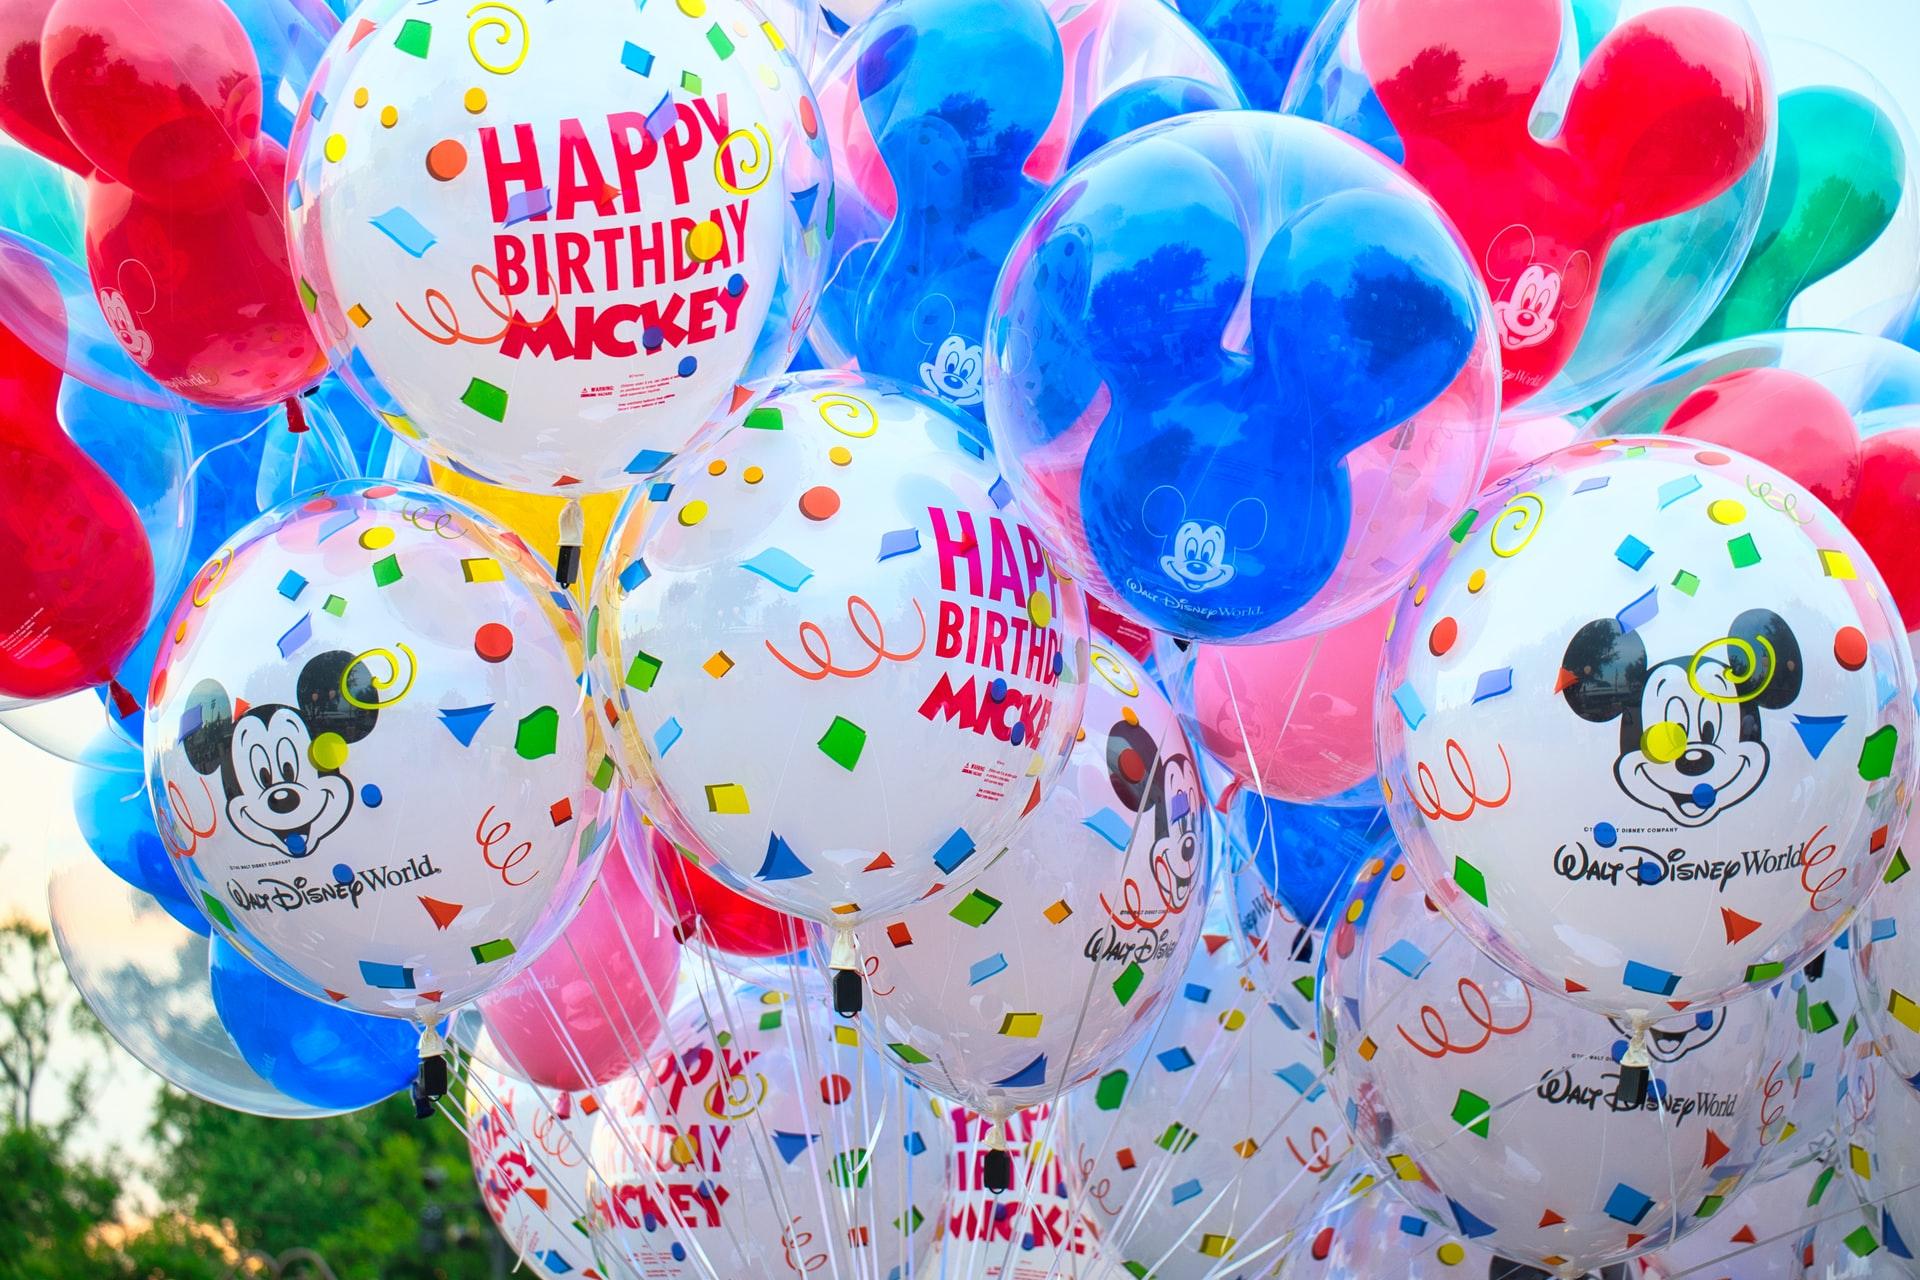 Chistes de cumpleaños para celebrar con humor